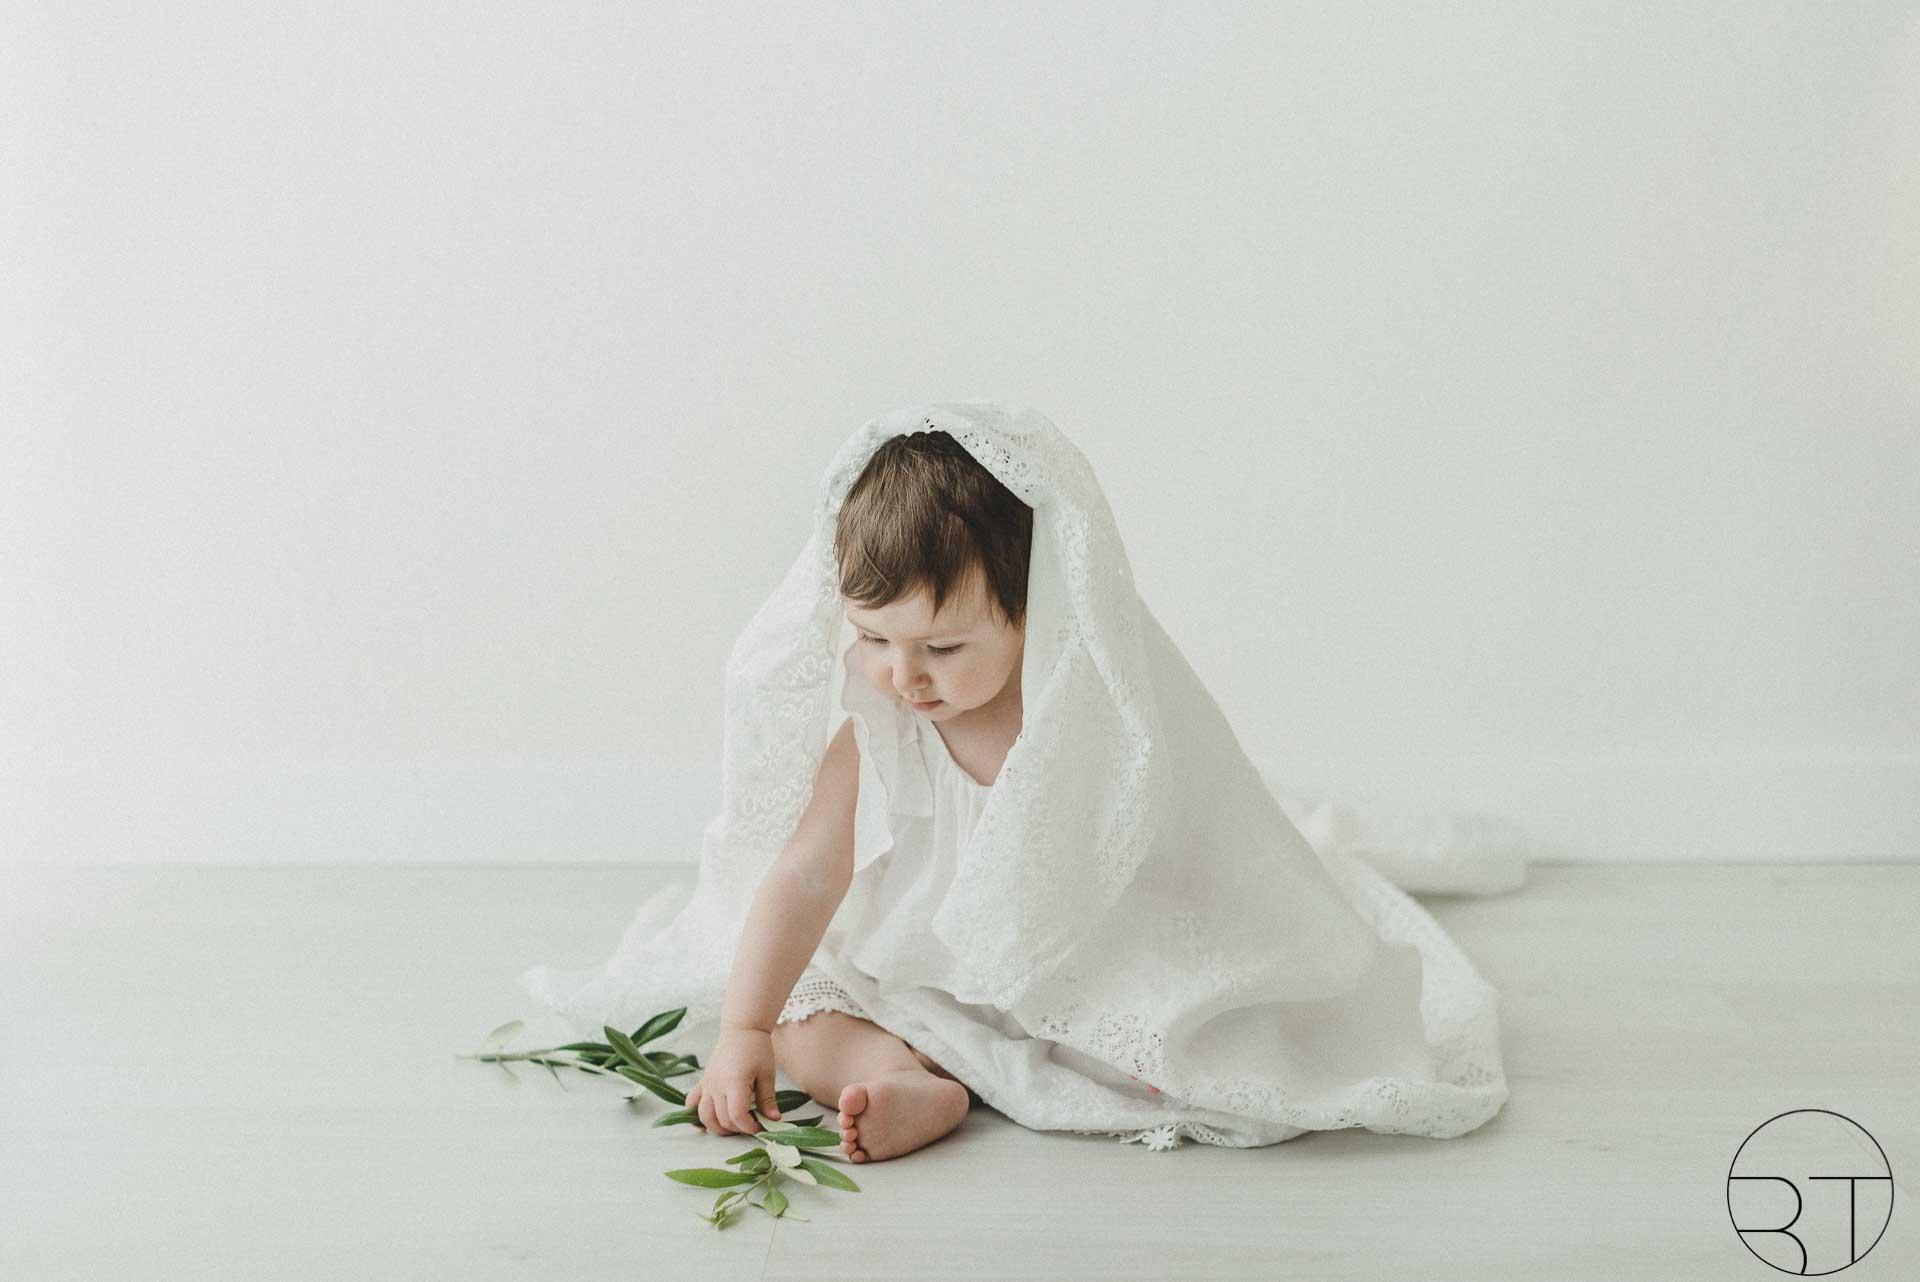 Servizio fotografico bambina con lenzuolo realizzata da Barbara Trincone Fotografo specializzato in Gravidanza, Maternità, Genitorialità, Nascita e Newborn a Napoli, Avellino, Salerno, Caserta